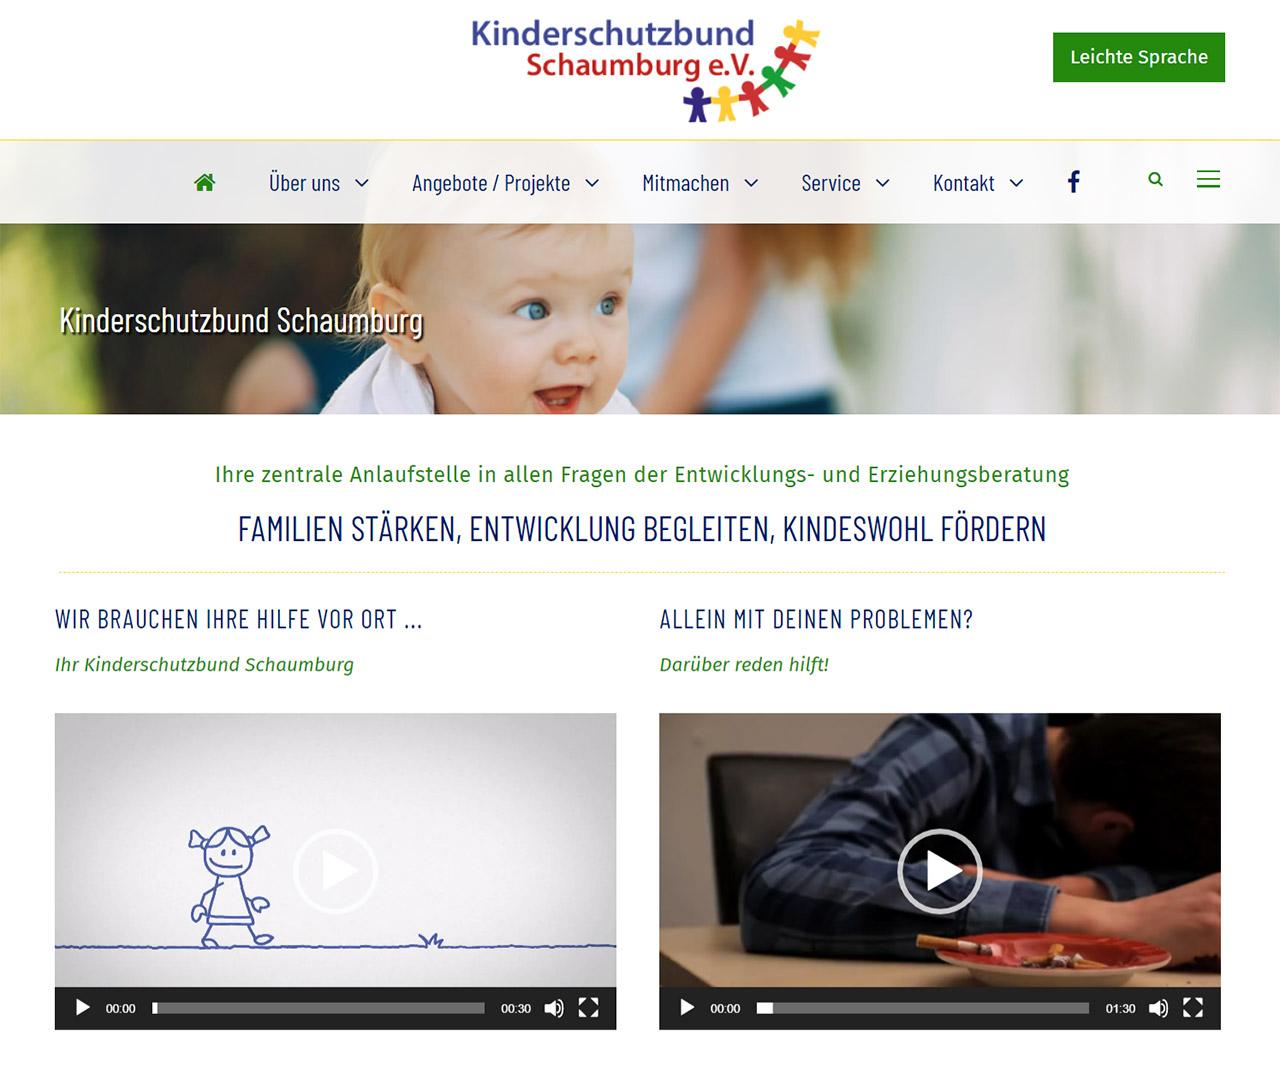 Kinderschutzbund Schaumburg e.V.